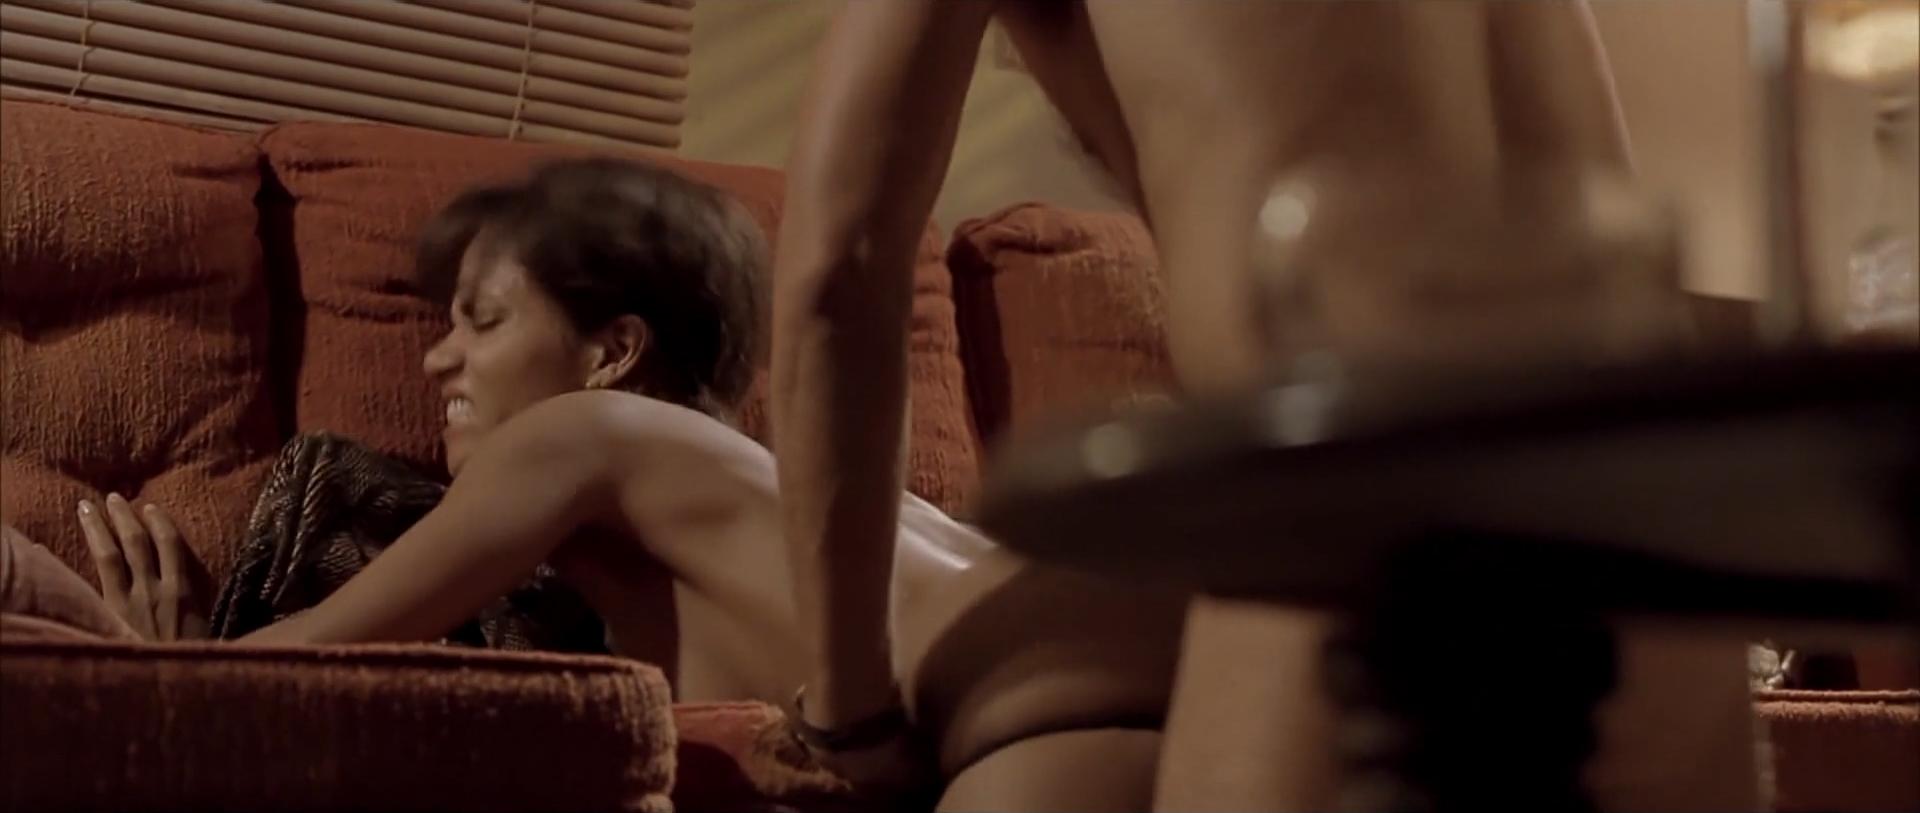 Anilos sara james nude